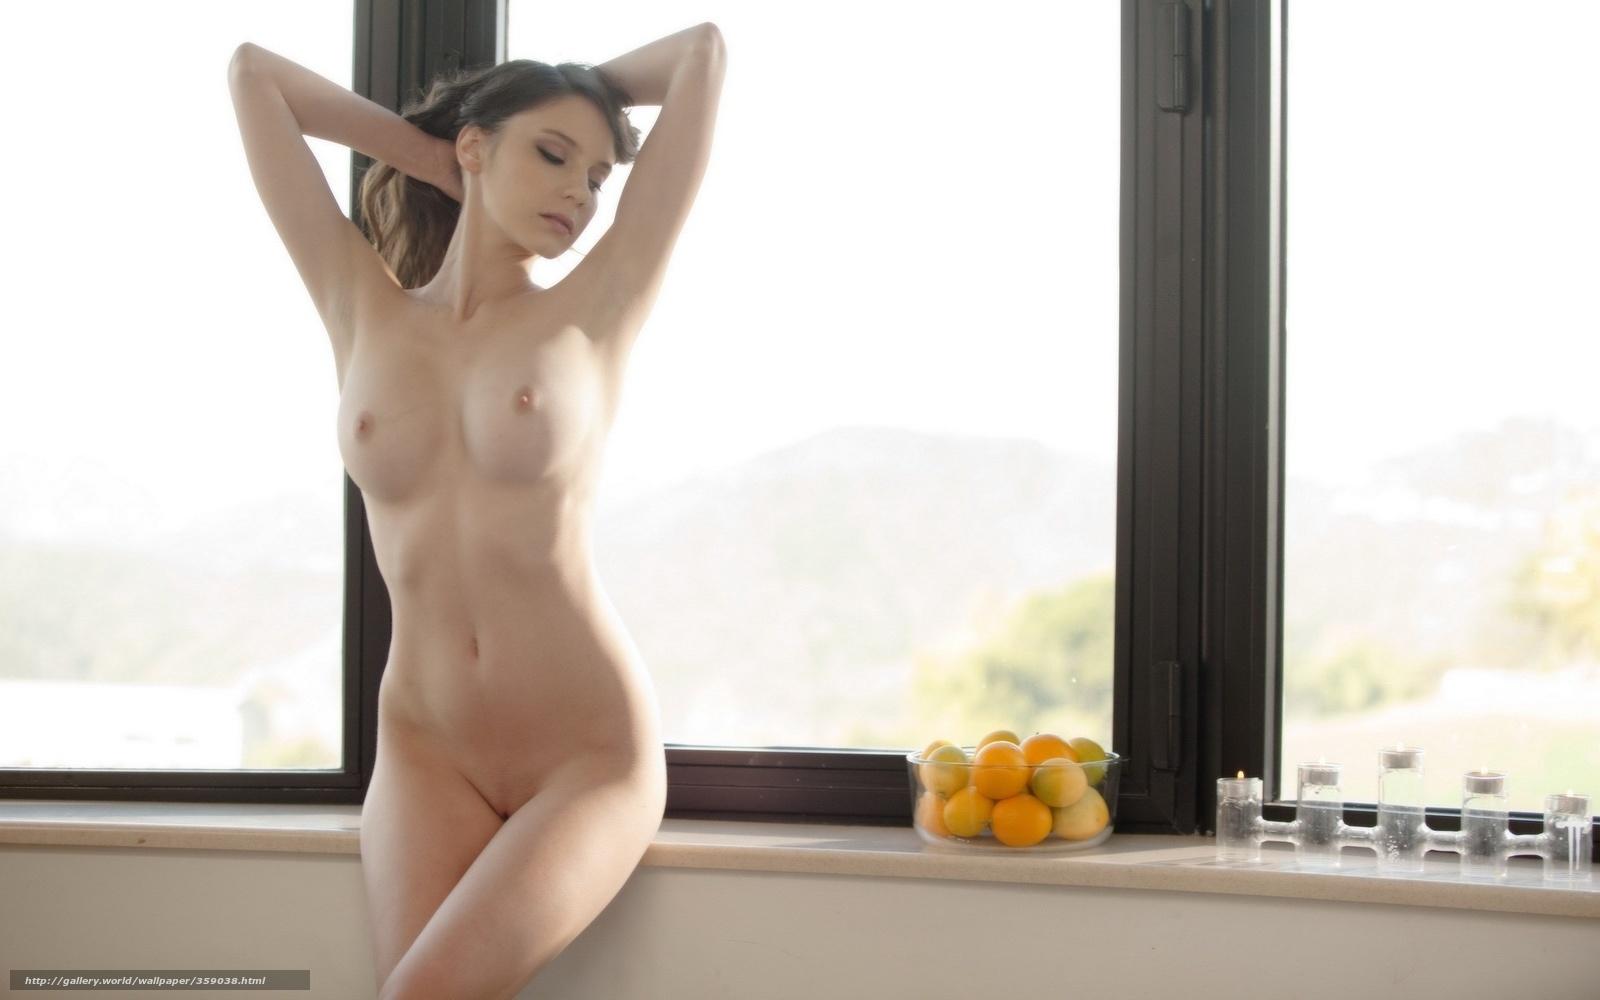 Фигуристые секси девушки фото 11 фотография